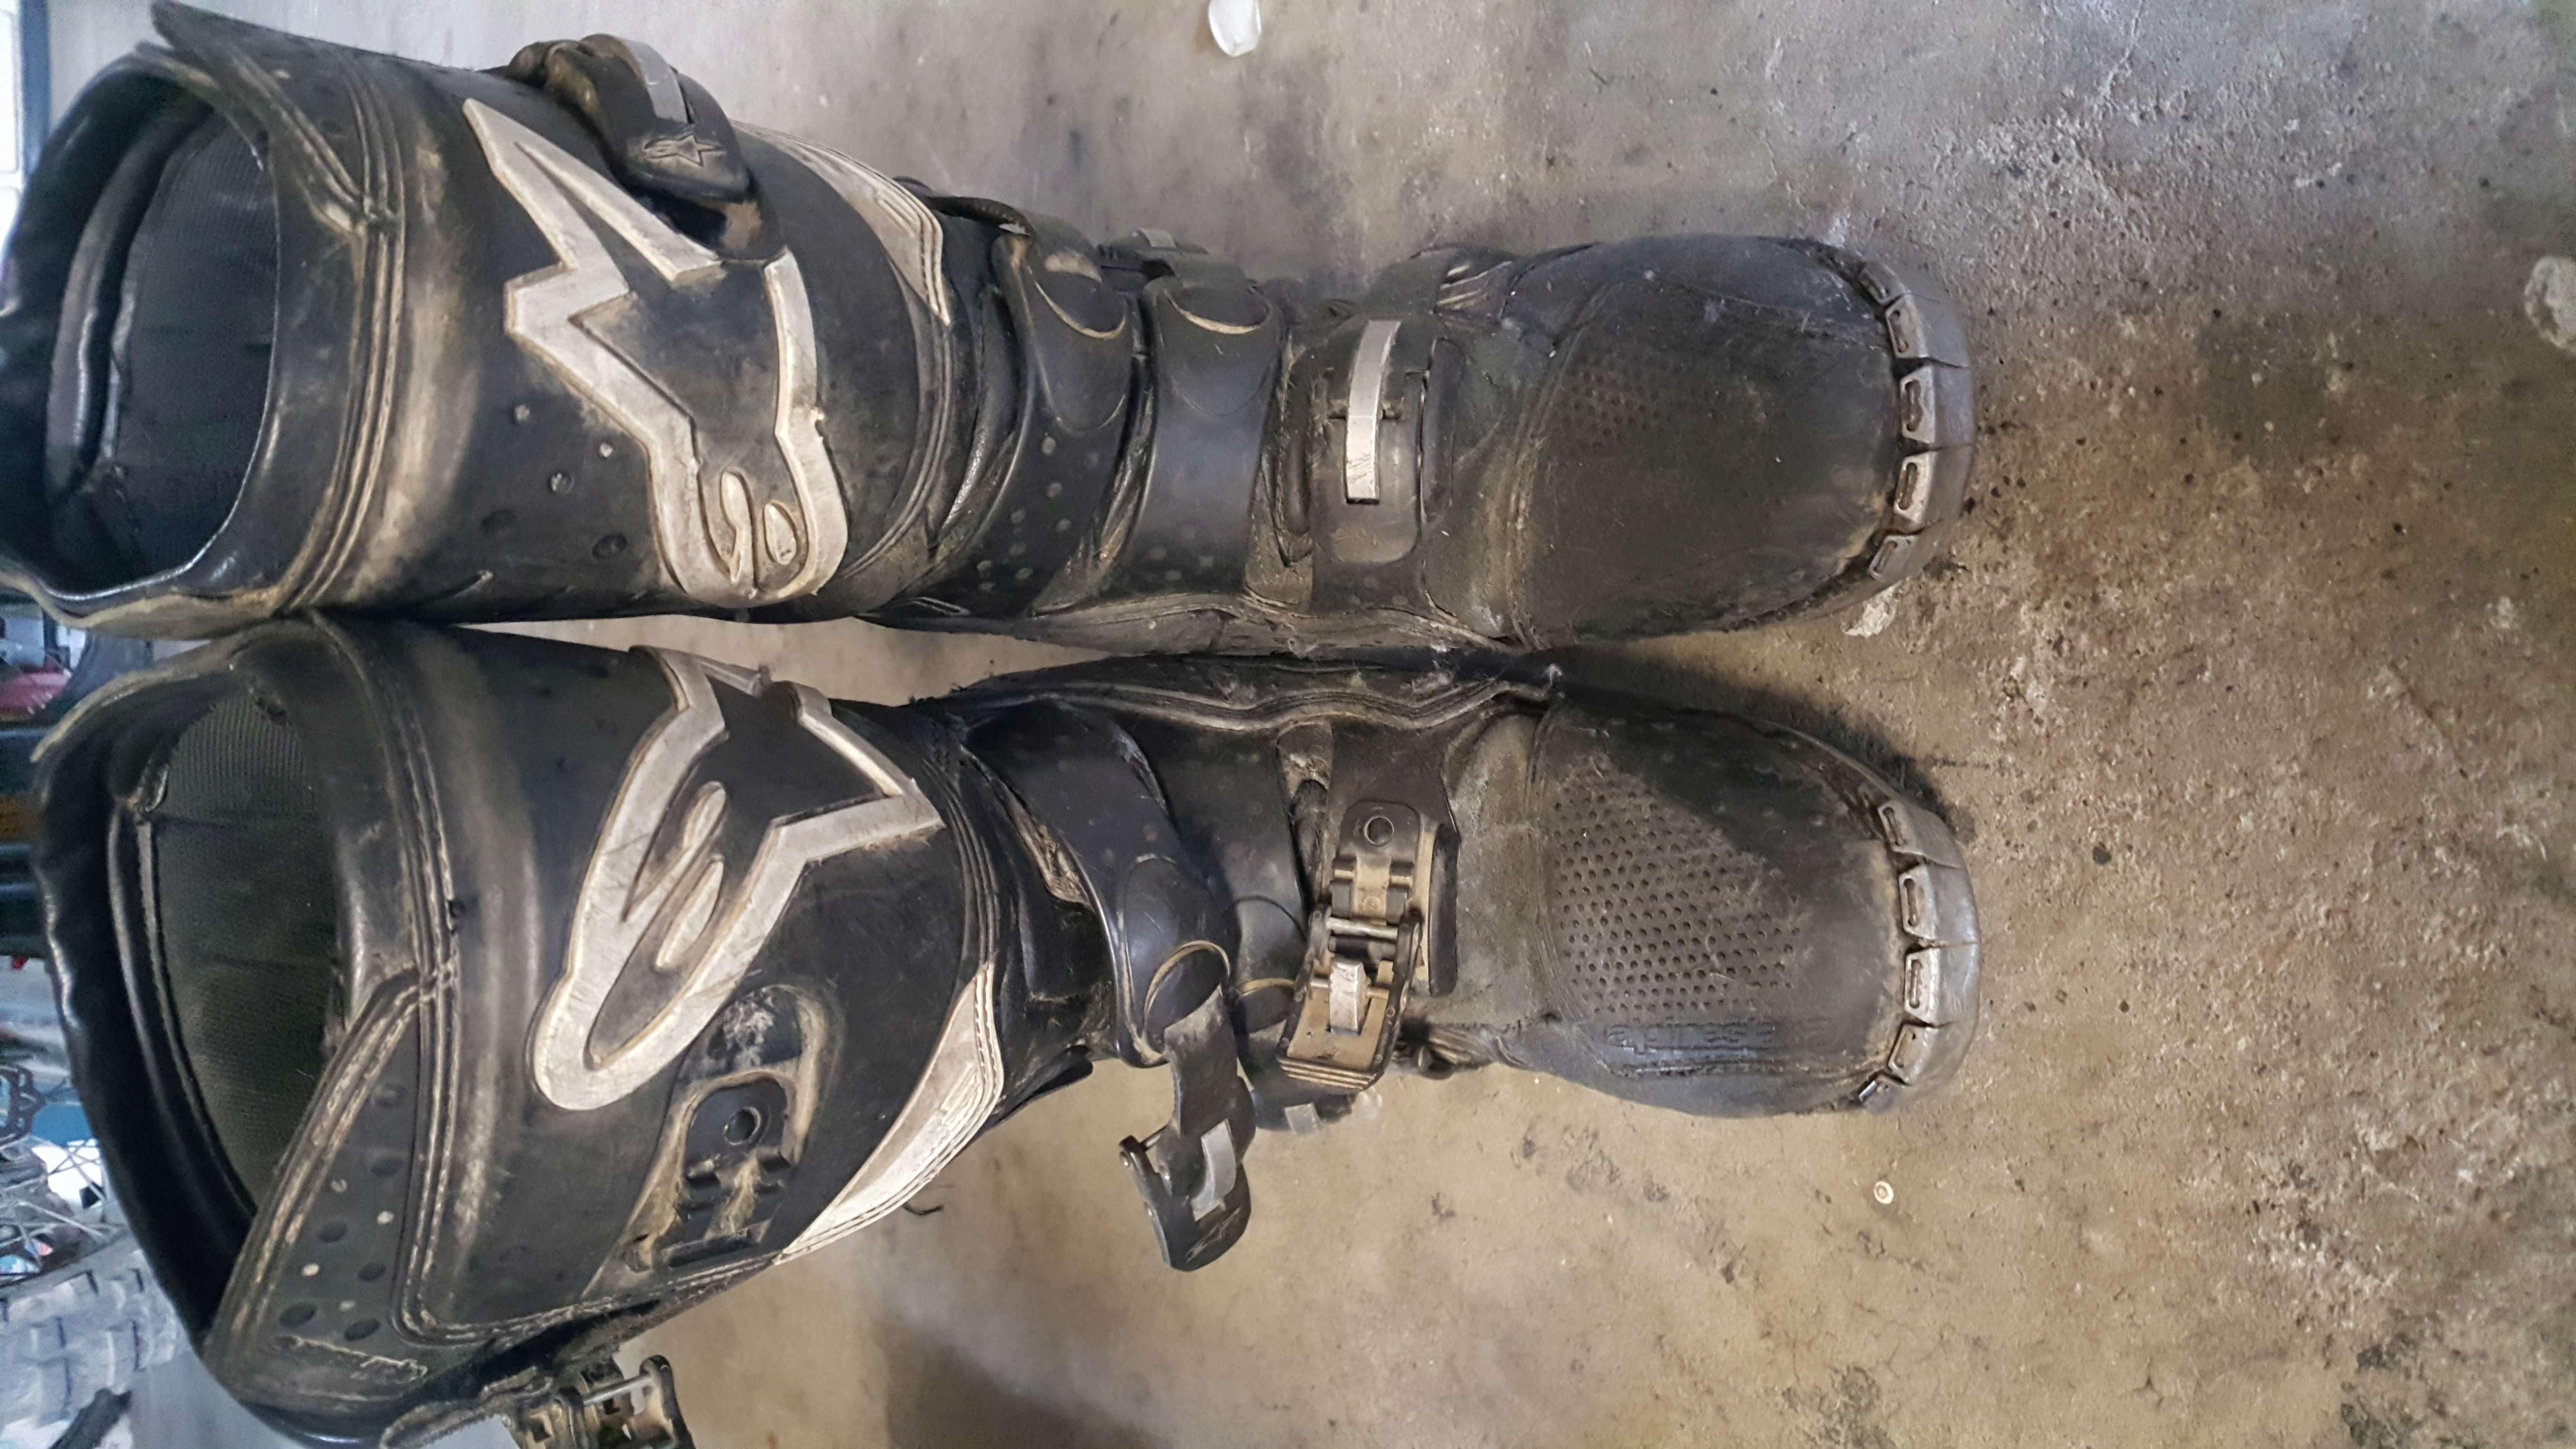 Donnes 2 paires de bottes Alpinestars 20180612